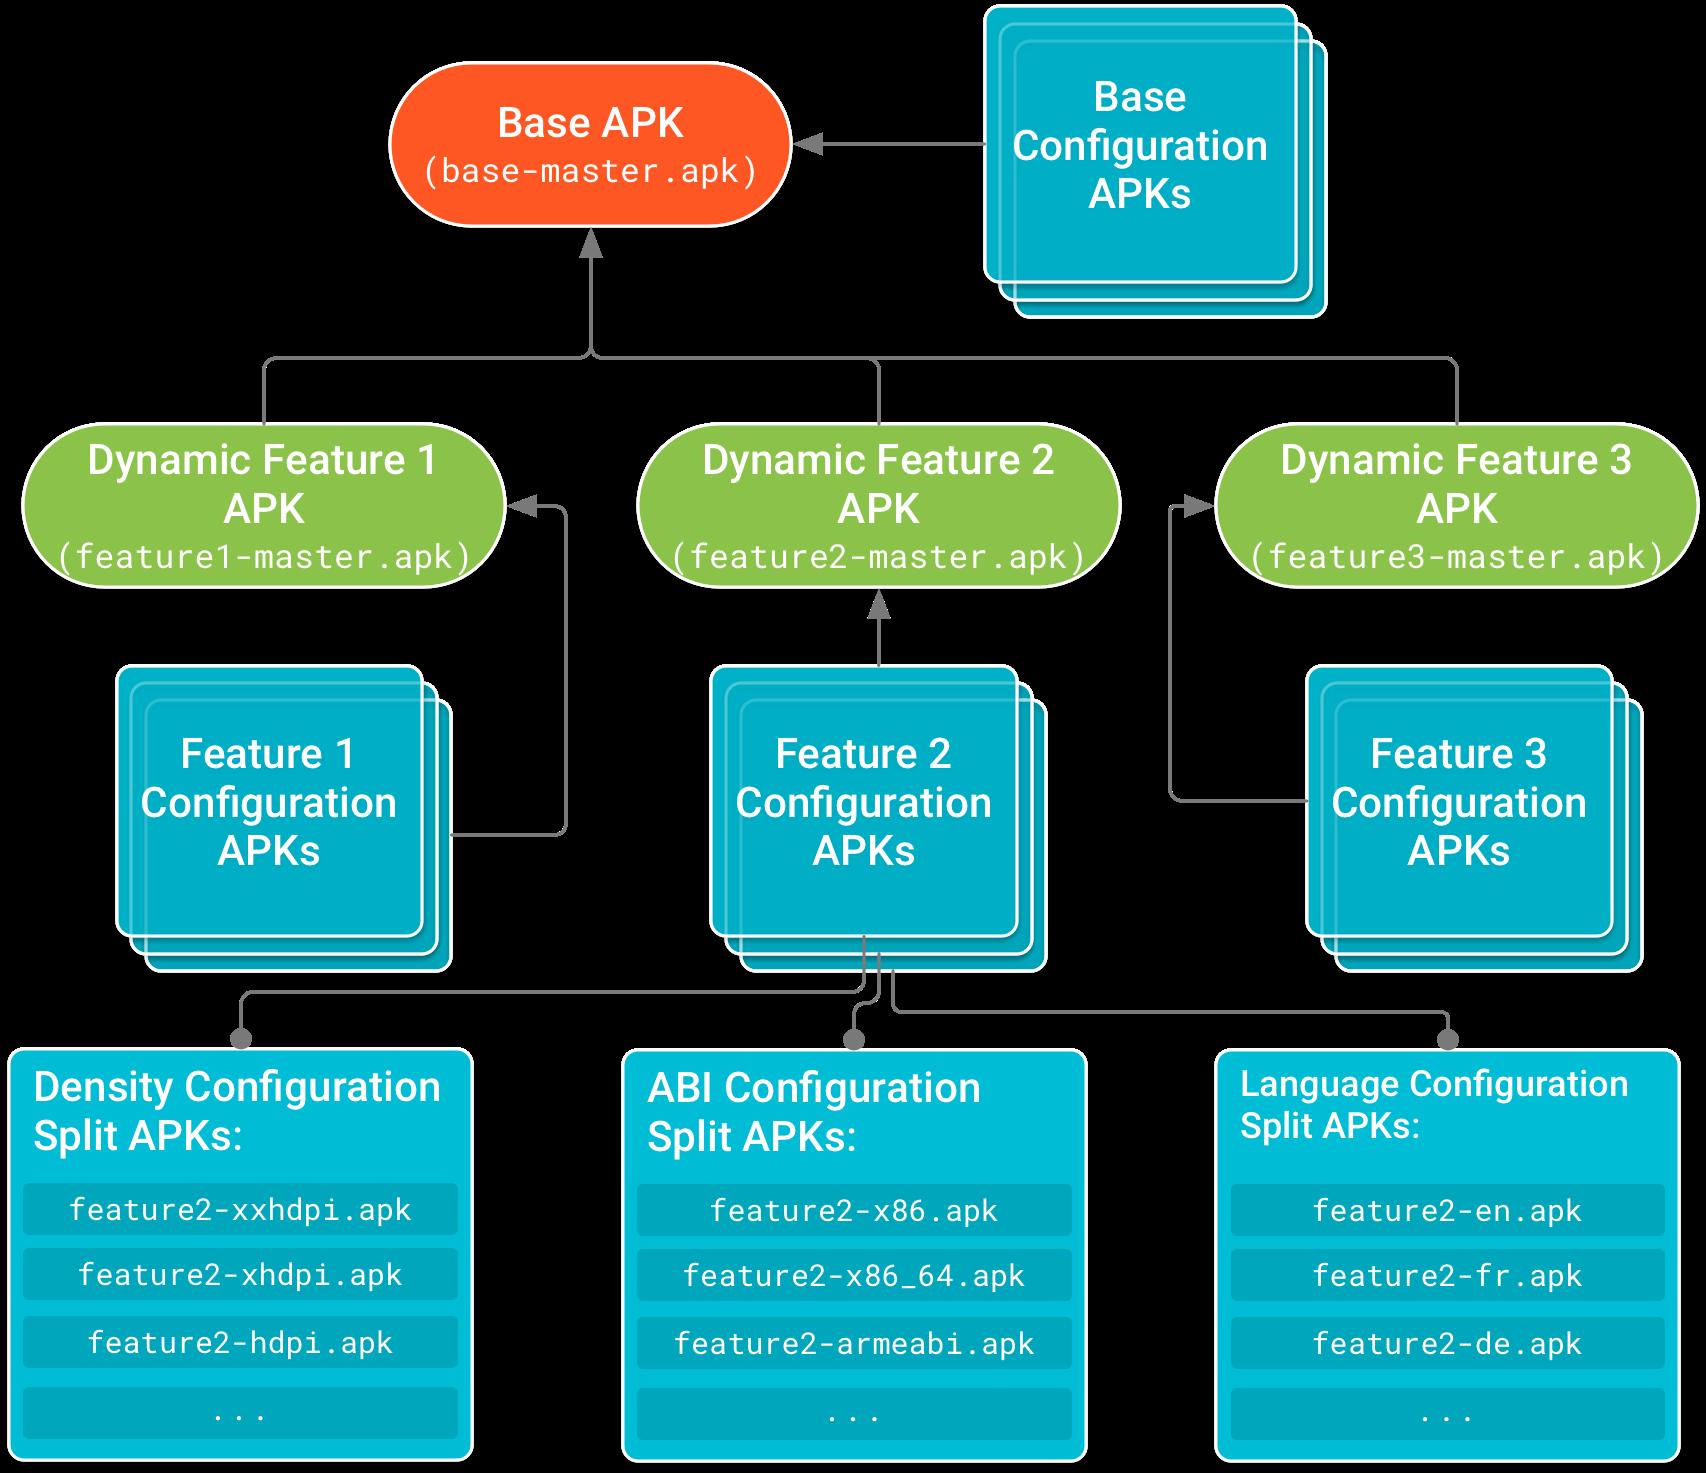 기본 APK는 기능 모듈 APK가 포함된 트리의 최상위에 위치하며 기능 모듈 APK는 기본 APK에 종속됩니다. 기본 APK 및 각 기능 모듈 APK의 기기 설정별 코드와 리소스가 포함된 구성 APK는 종속성 트리의 리프 노드를 구성합니다.